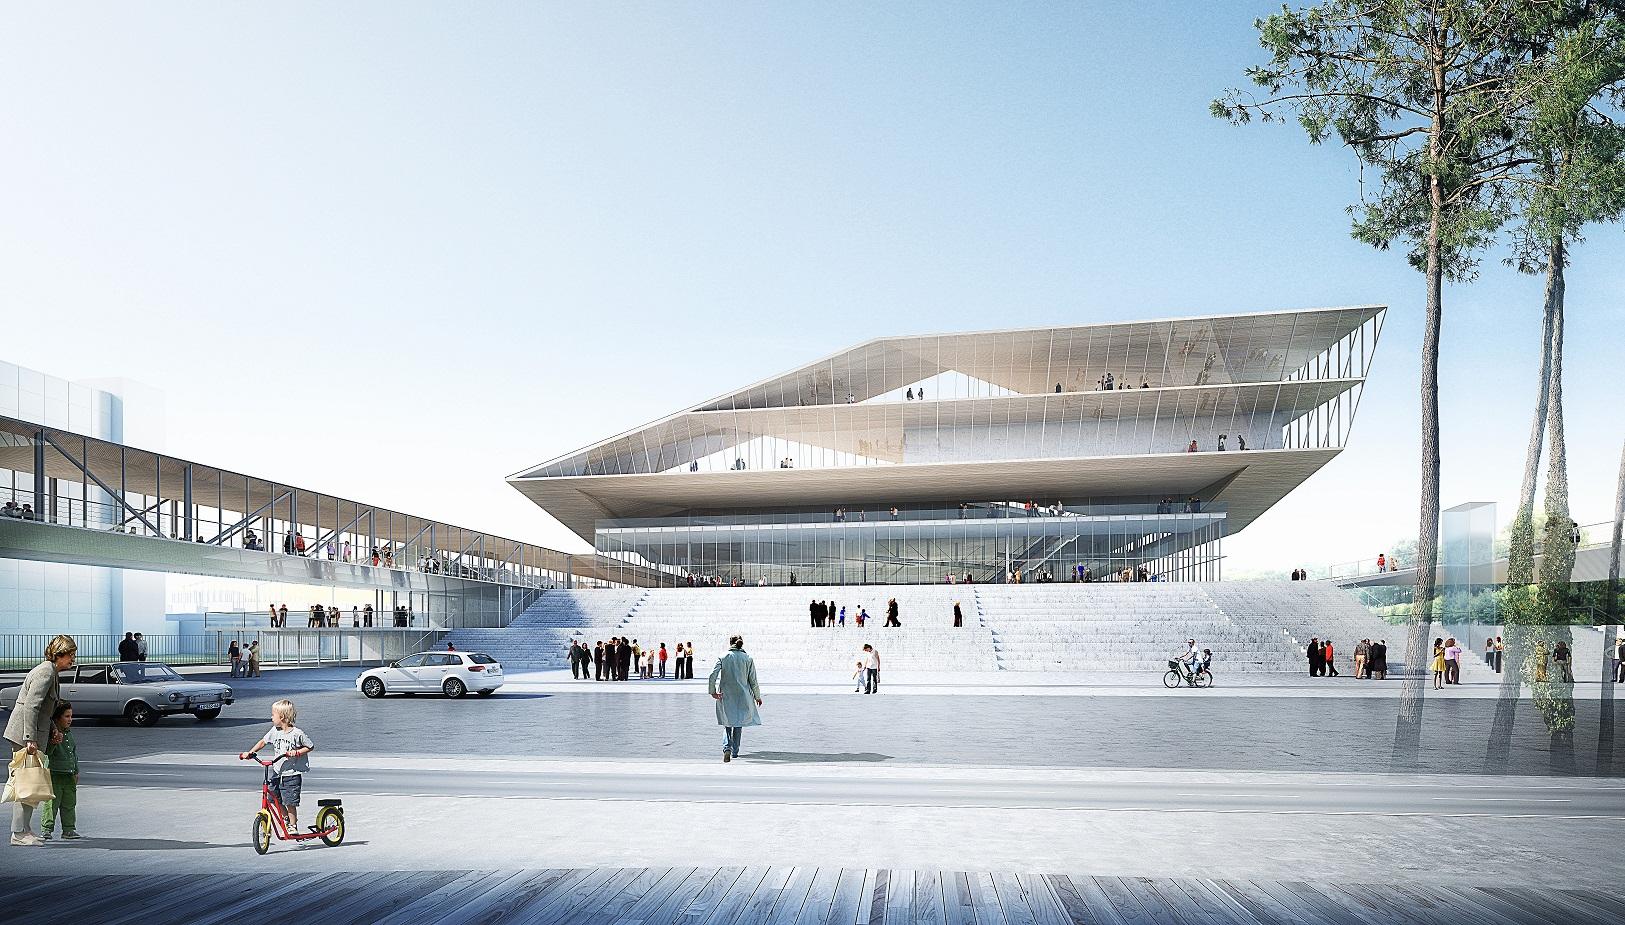 Le futur parc des expositions pex de strasbourg en images for Parc des expo strasbourg